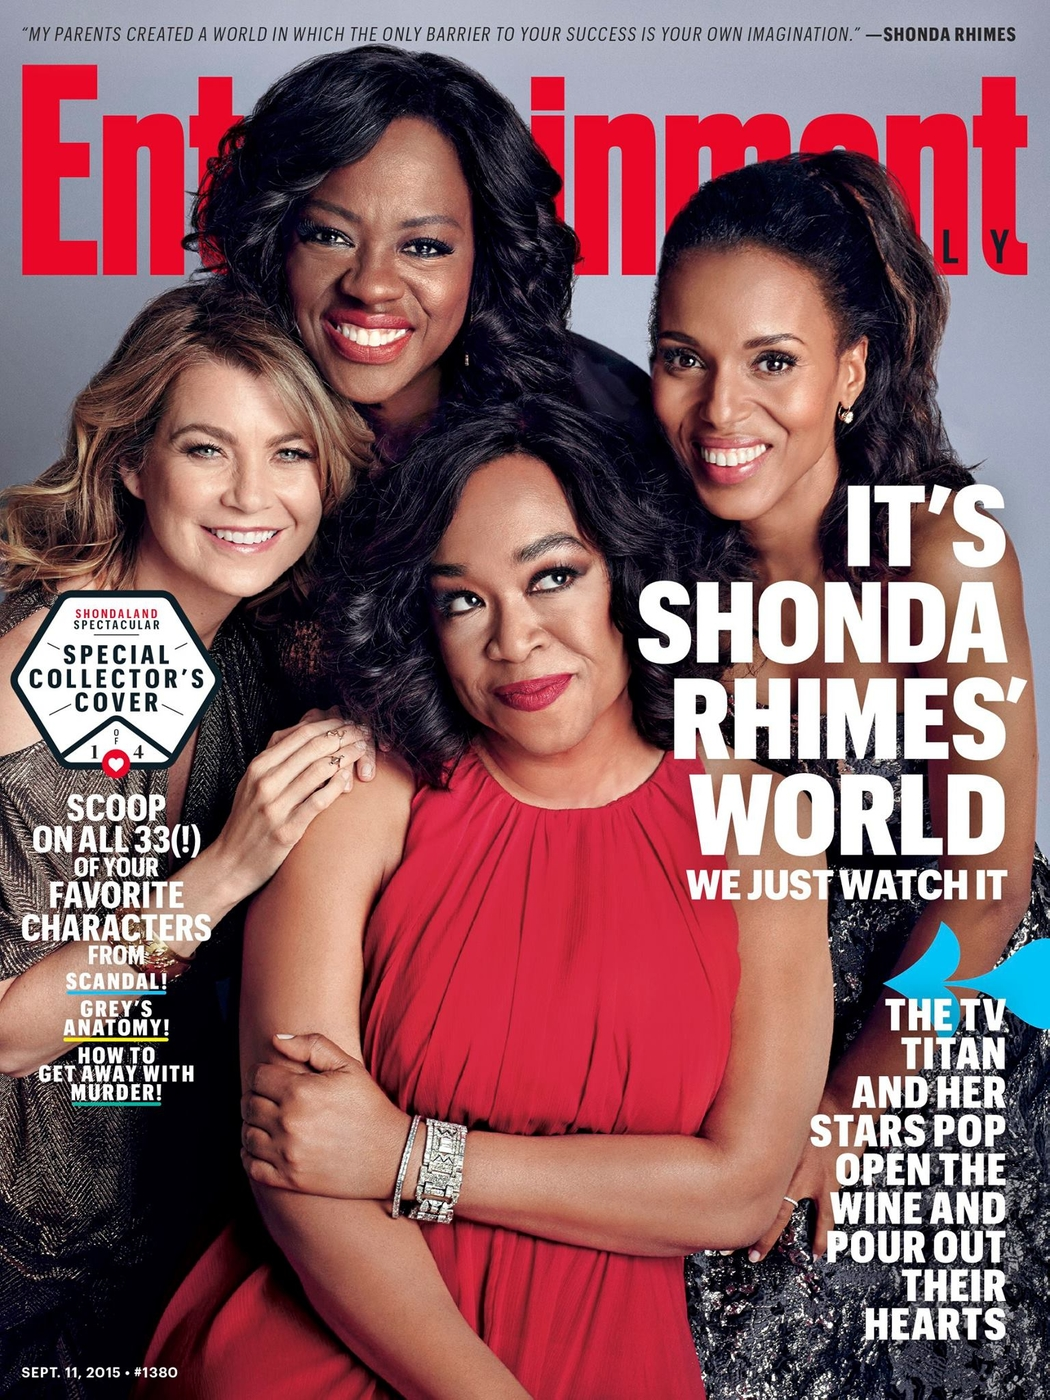 Shonda Rhimes EW Cover.jpg